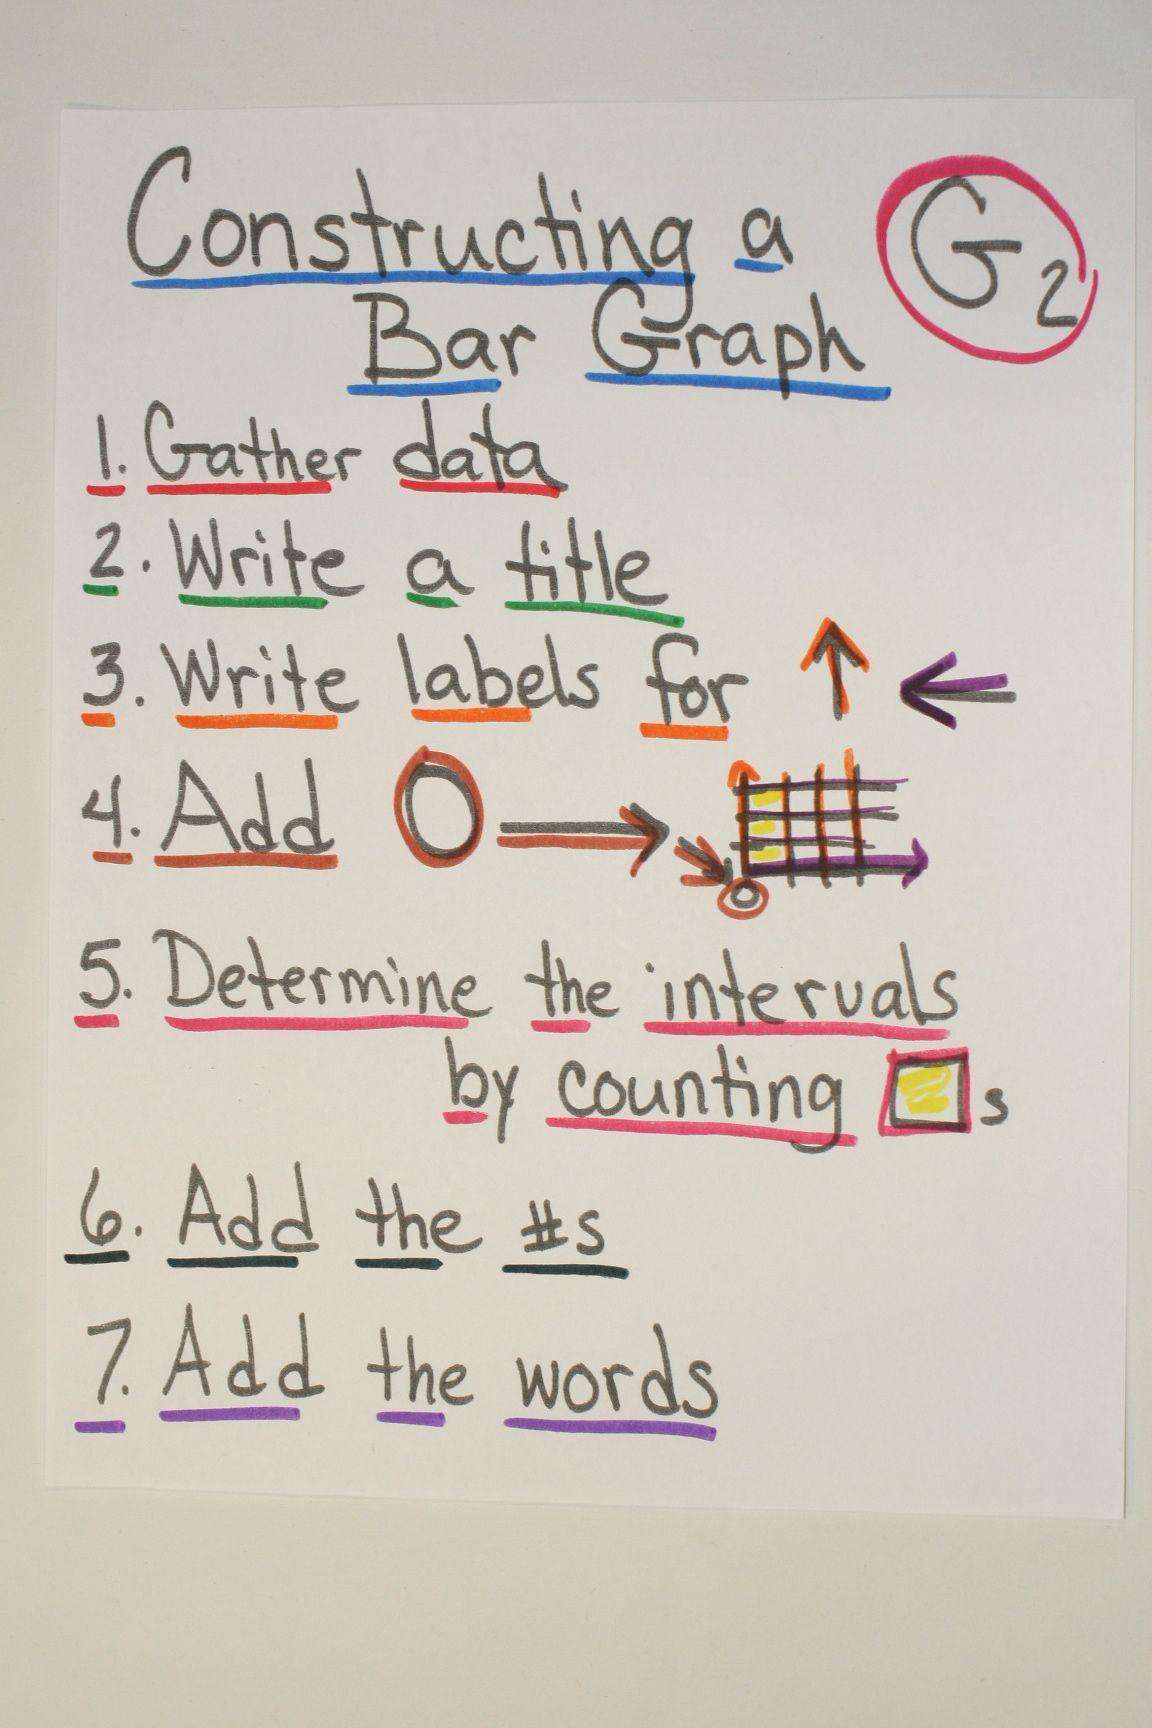 30 Bar Graphs ideas   bar graphs [ 1728 x 1152 Pixel ]